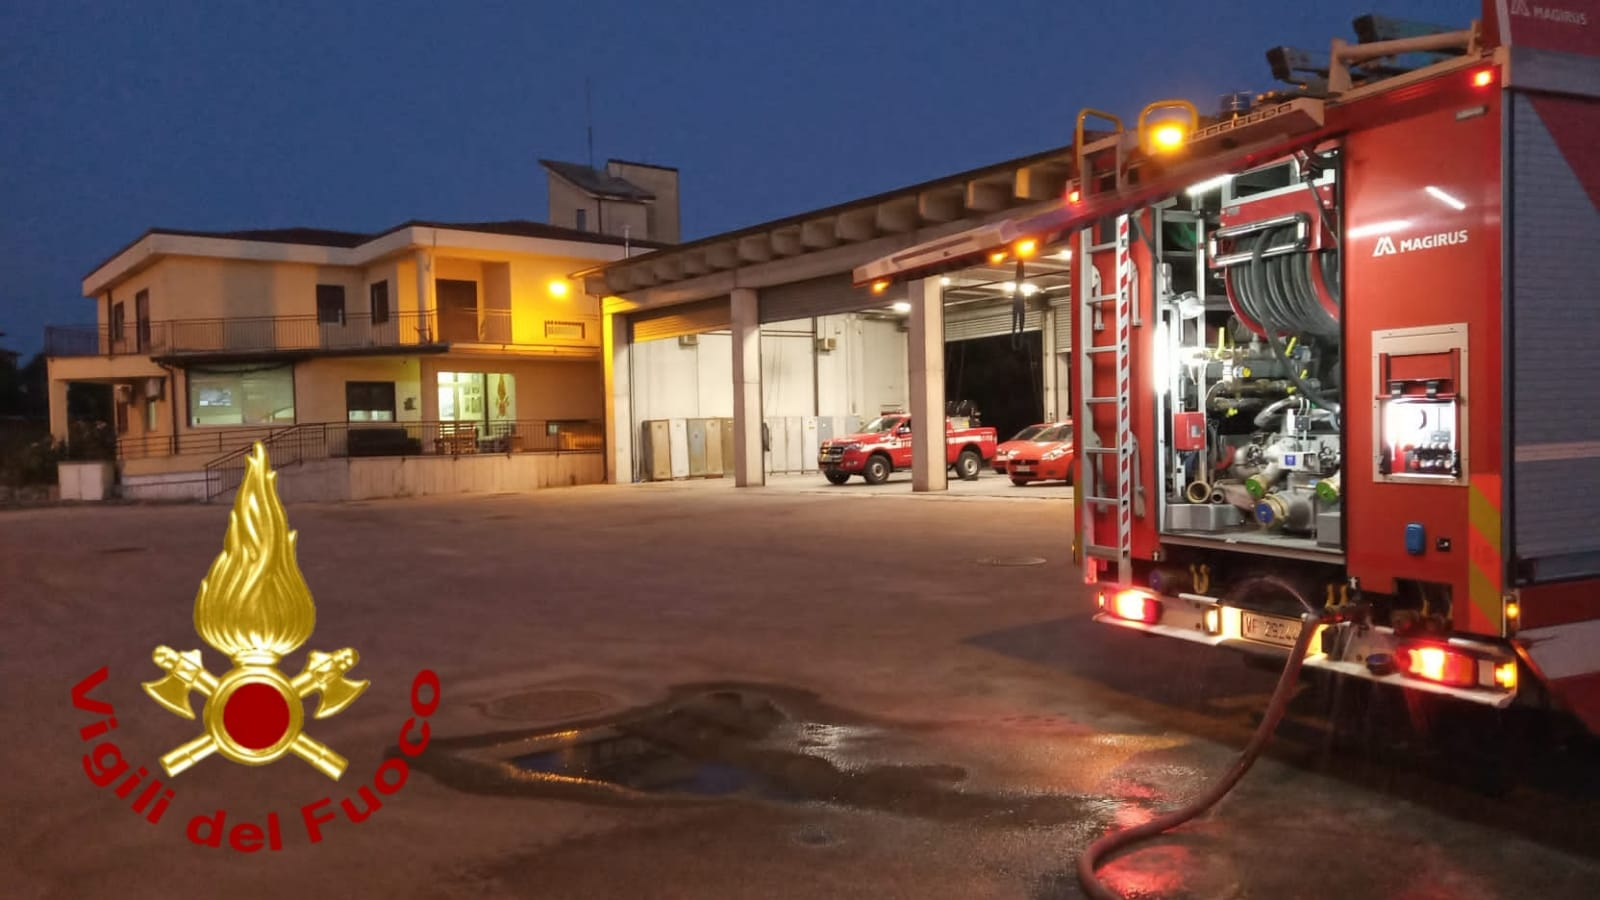 Grottaminarda|A fuoco auto, pulmino e ciclomotore. Indagine dei CC